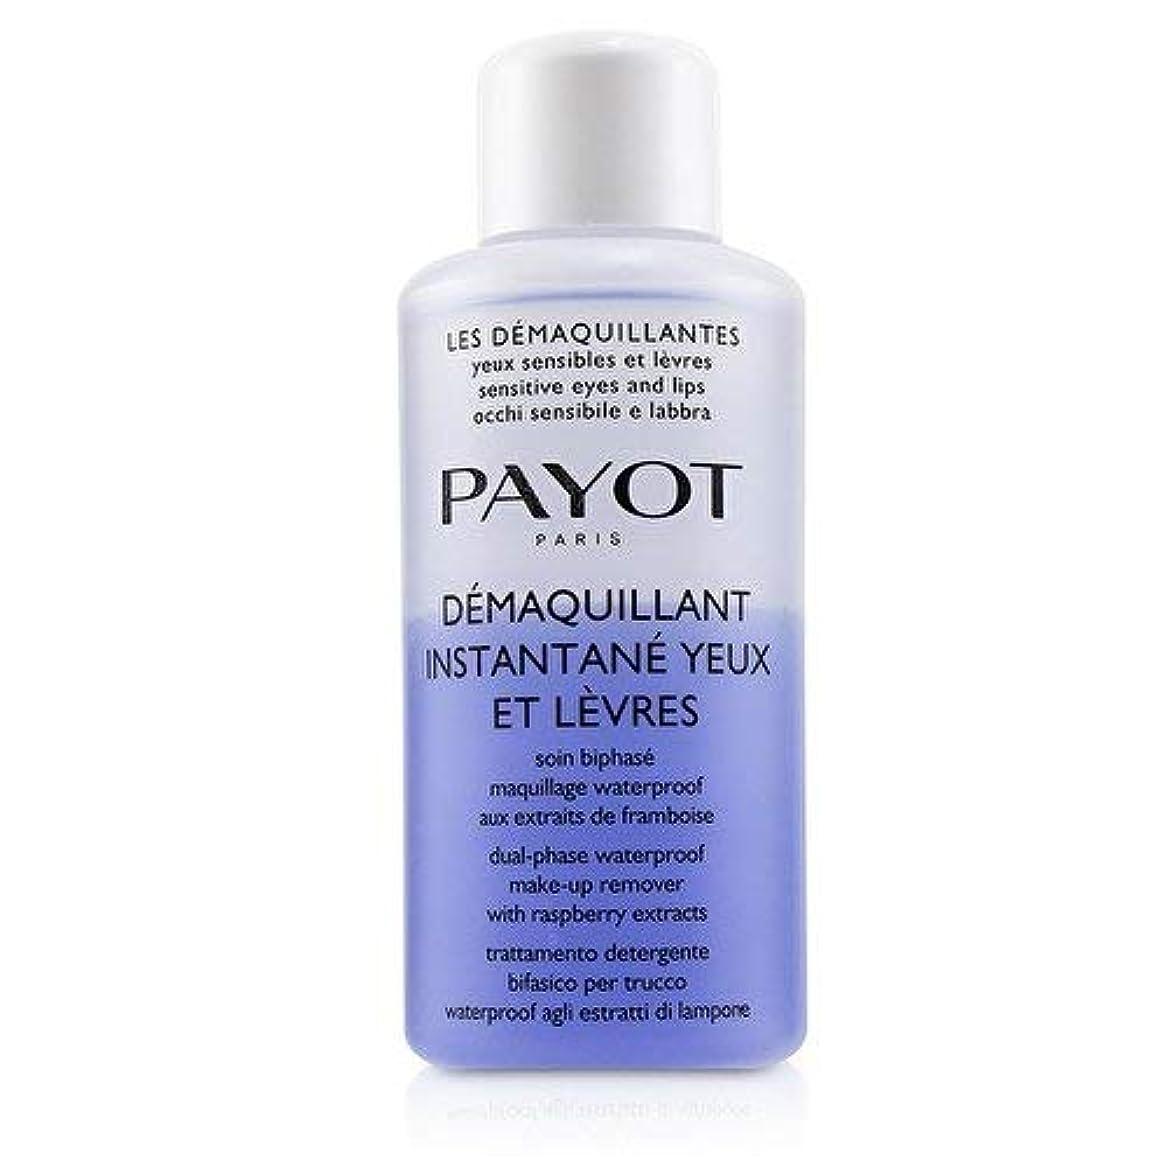 義務的テレックス粗いパイヨ Les Demaquillantes Demaquillant Instantane Yeux Dual-Phase Waterproof Make-Up Remover - For Sensitive Eyes...